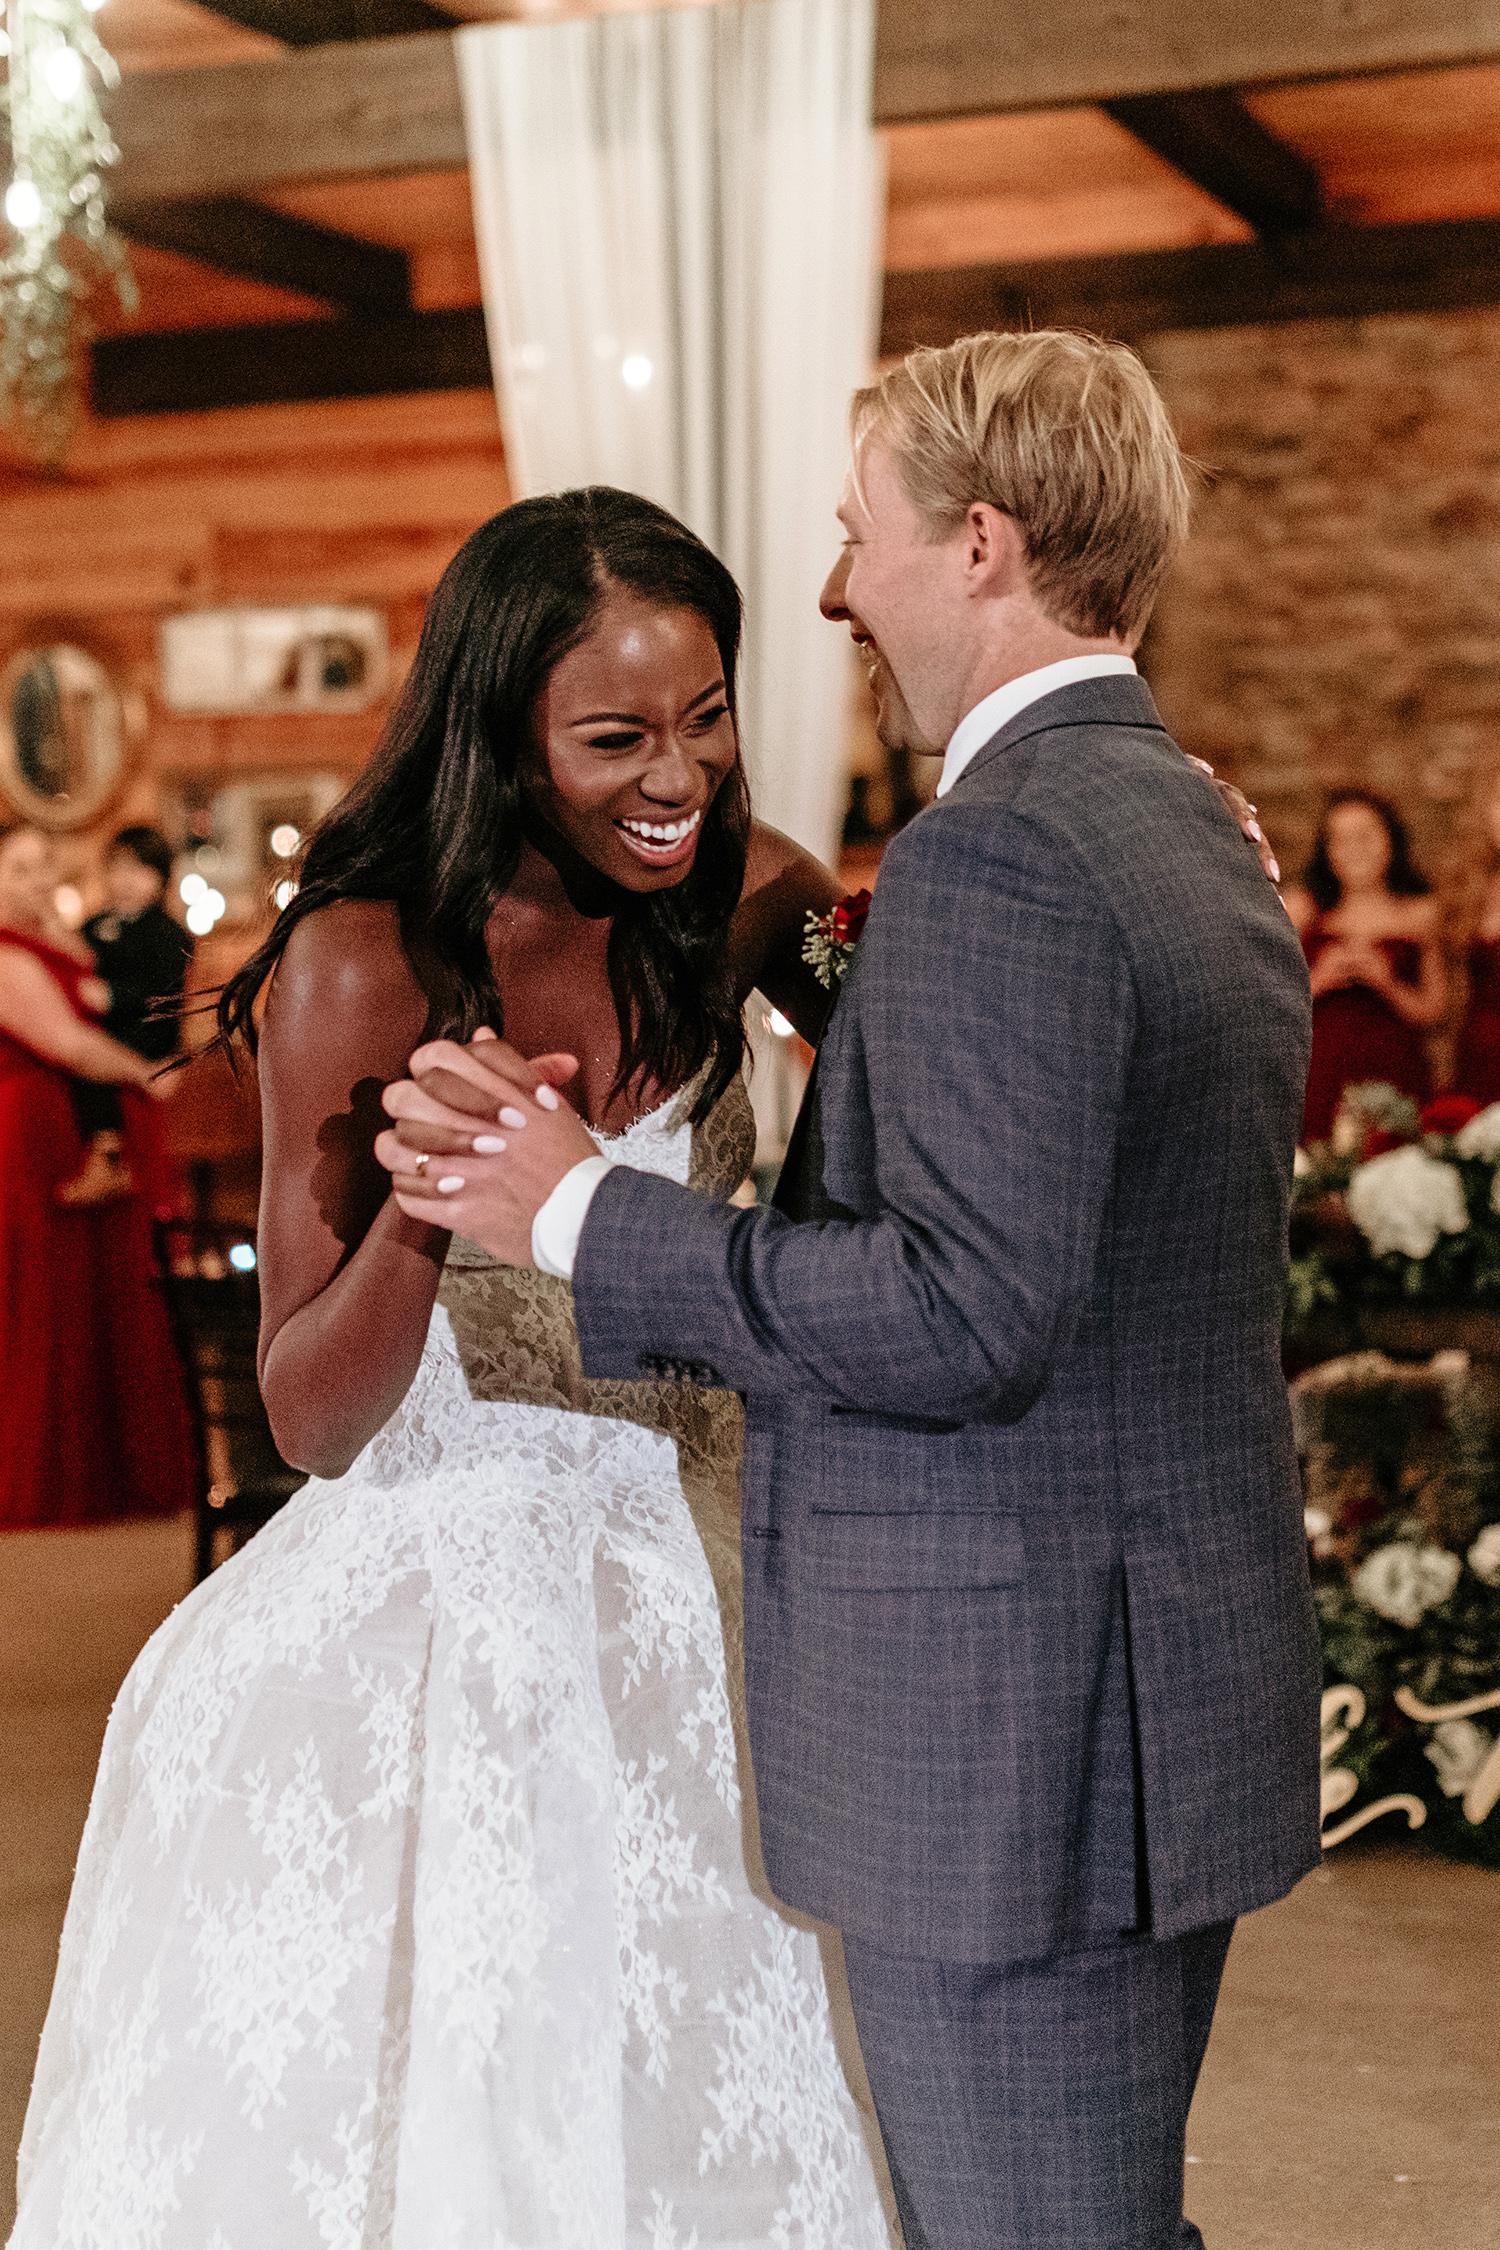 aerielle dyan wedding couple first dance